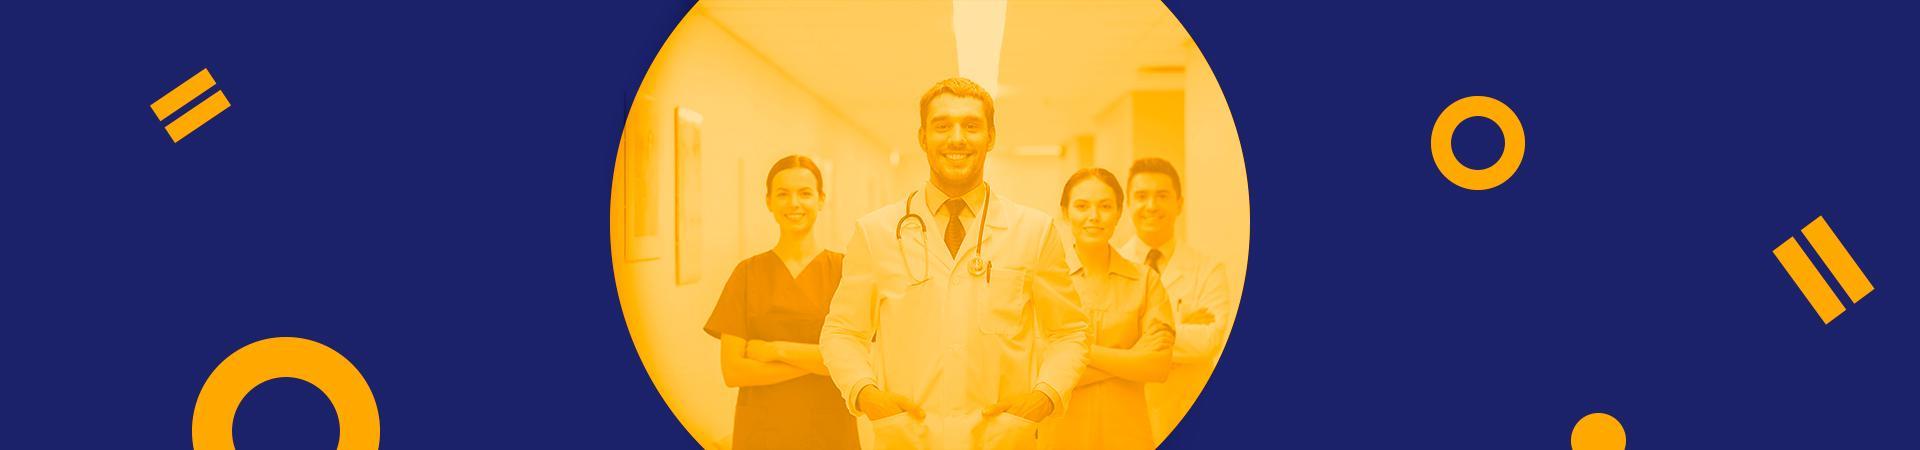 Influencers médicos ¿ser uno o trabajar con ellos?